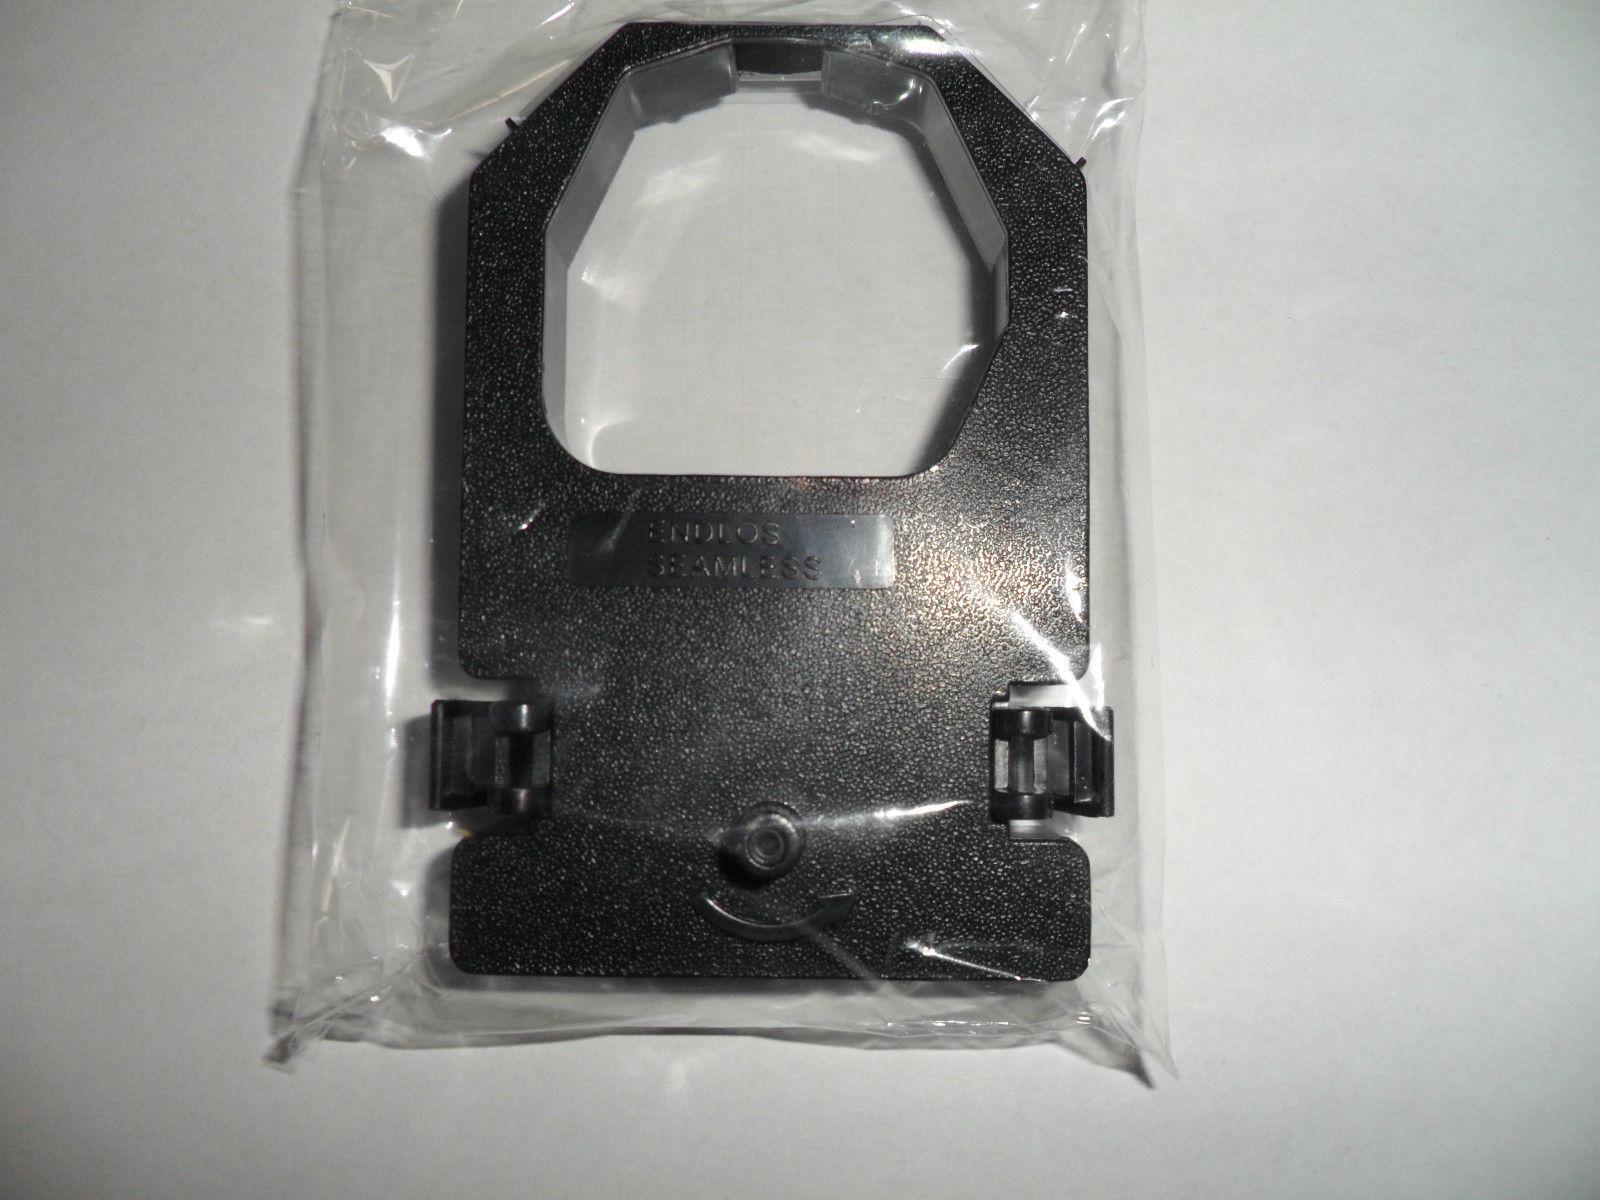 Axiohm A714/A721/A756/A793/A794  Printer Ribbon POS Black (6 Pack)